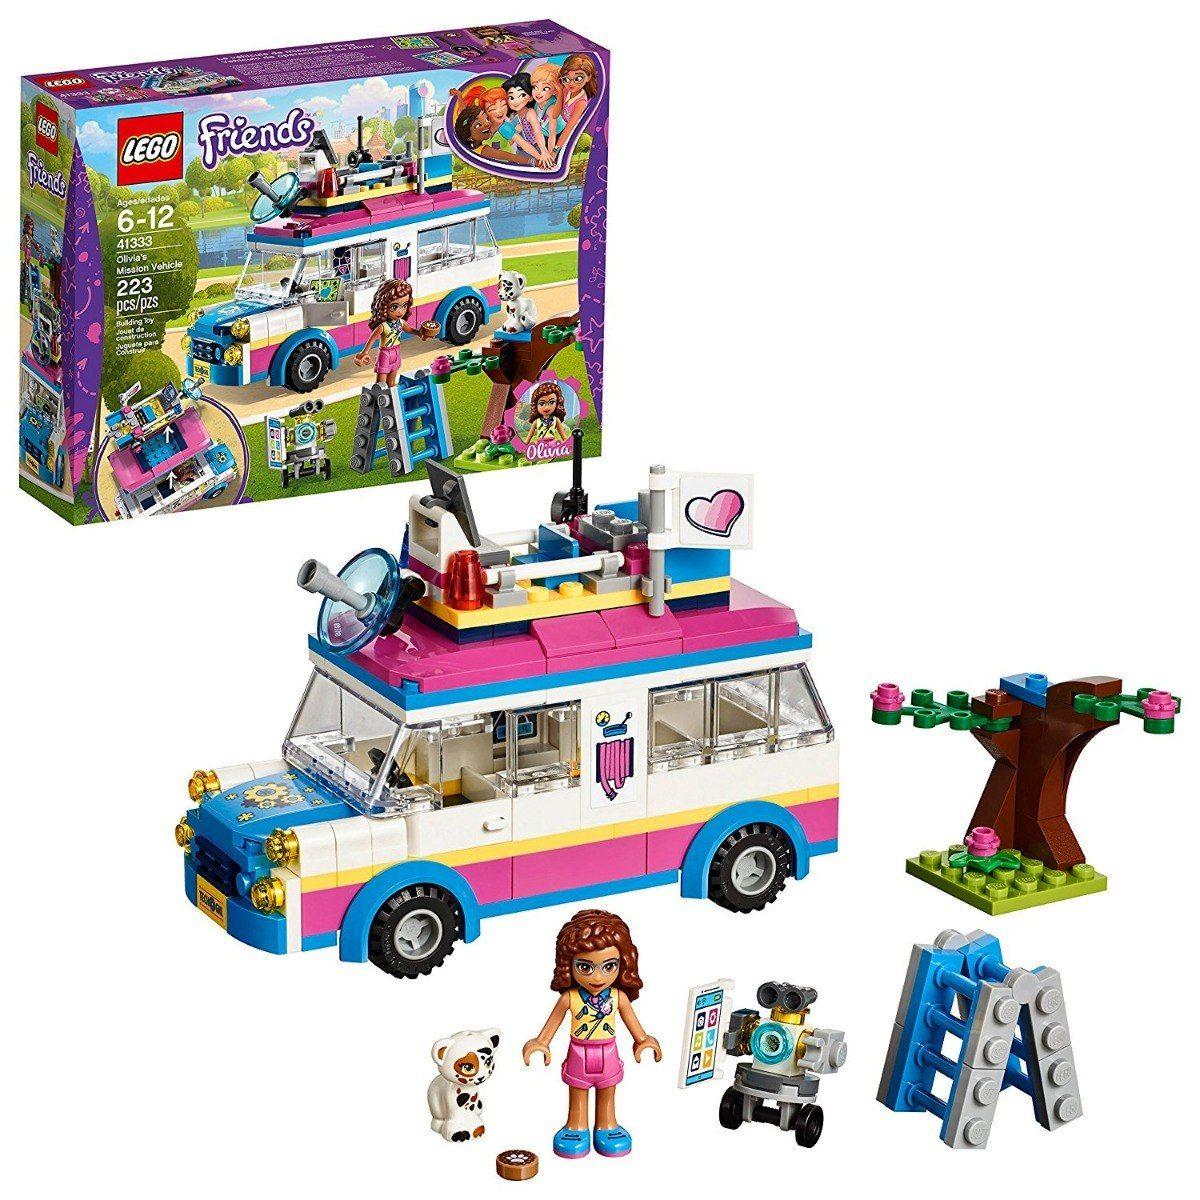 Lego 41333 Friends - O Veículo de Missões da Olivia – 223 peças  - Doce Diversão